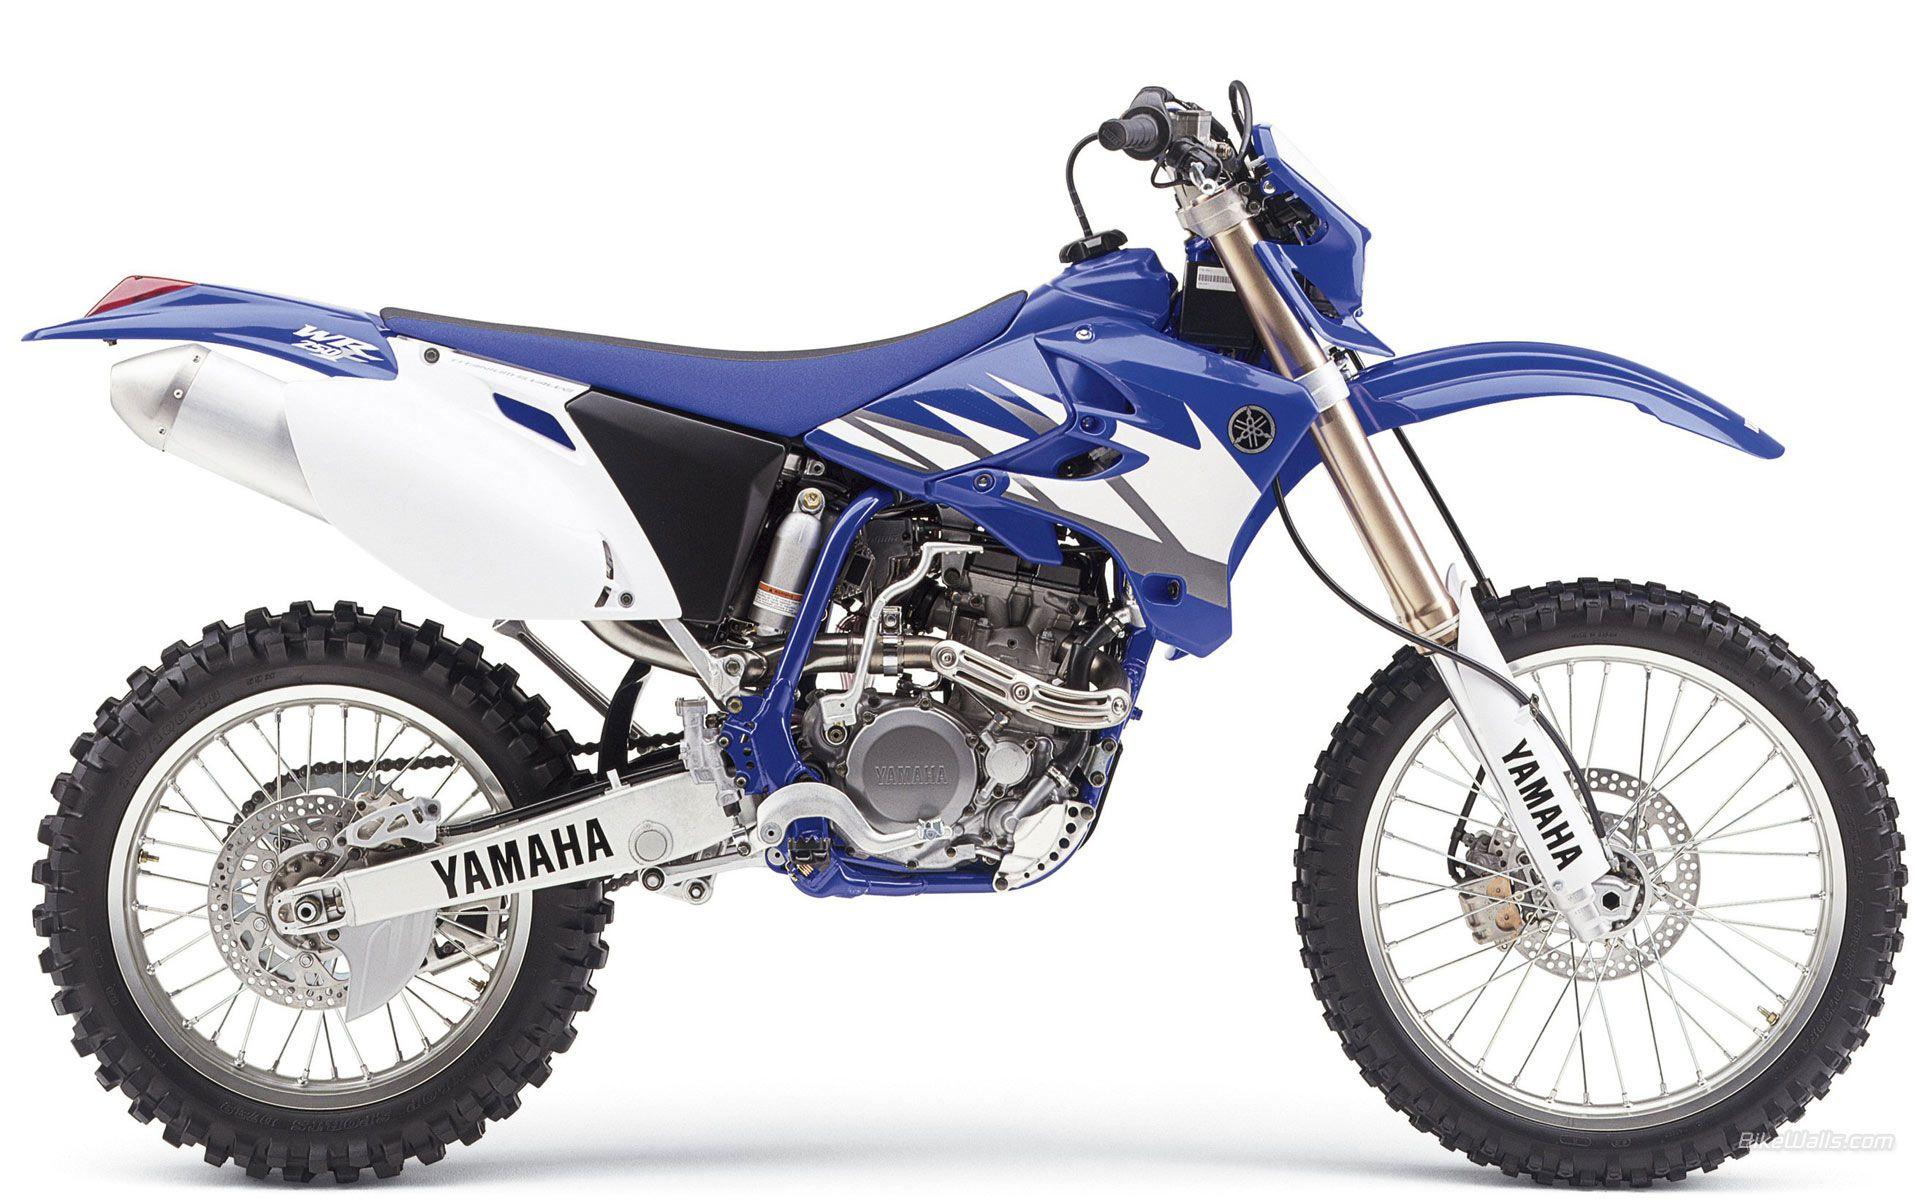 Yamaha Wr 250 F Fotos Y Especificaciones Tecnicas Ref 113133 Yamaha Wr Yamaha Motorcycles Yamaha Motor